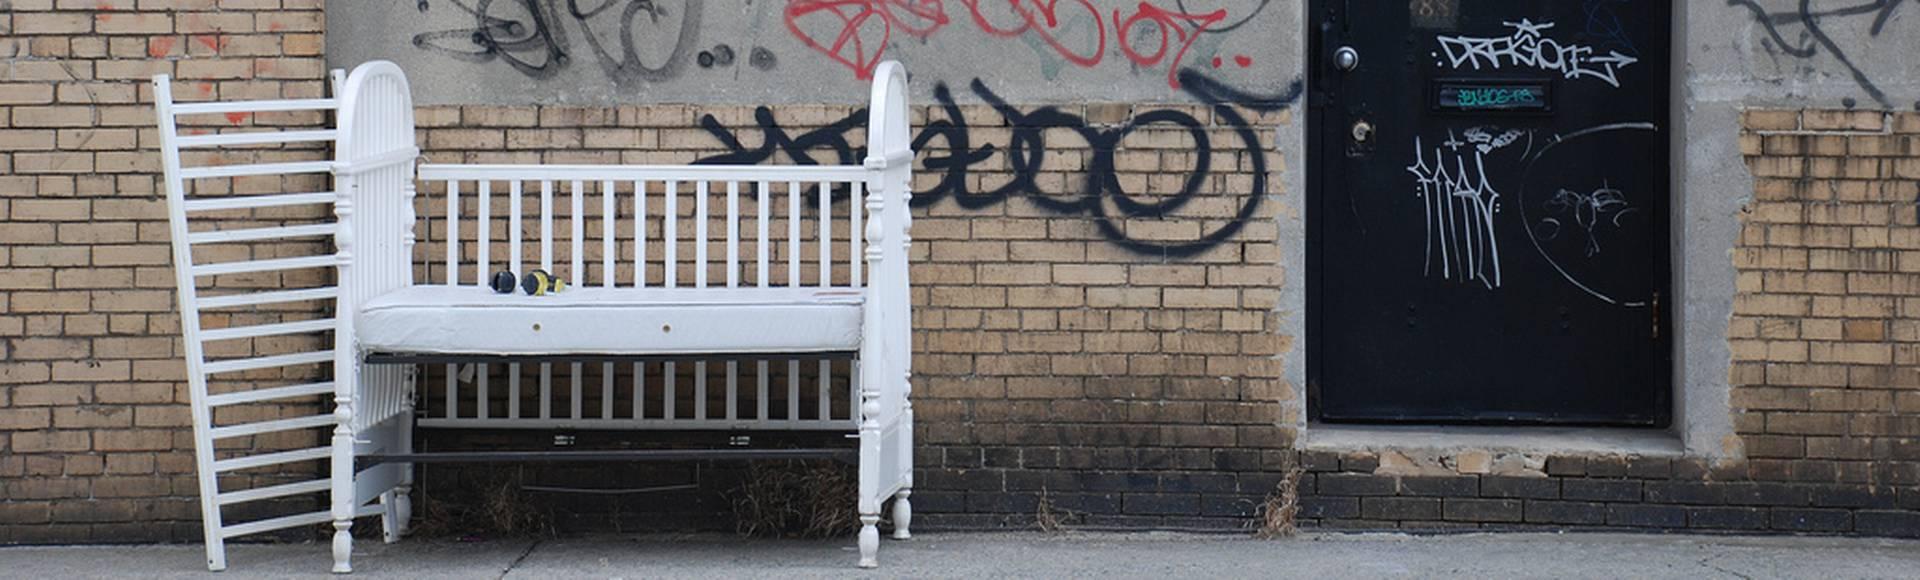 O berço do crime e o crime no berço | Nexo Jornal